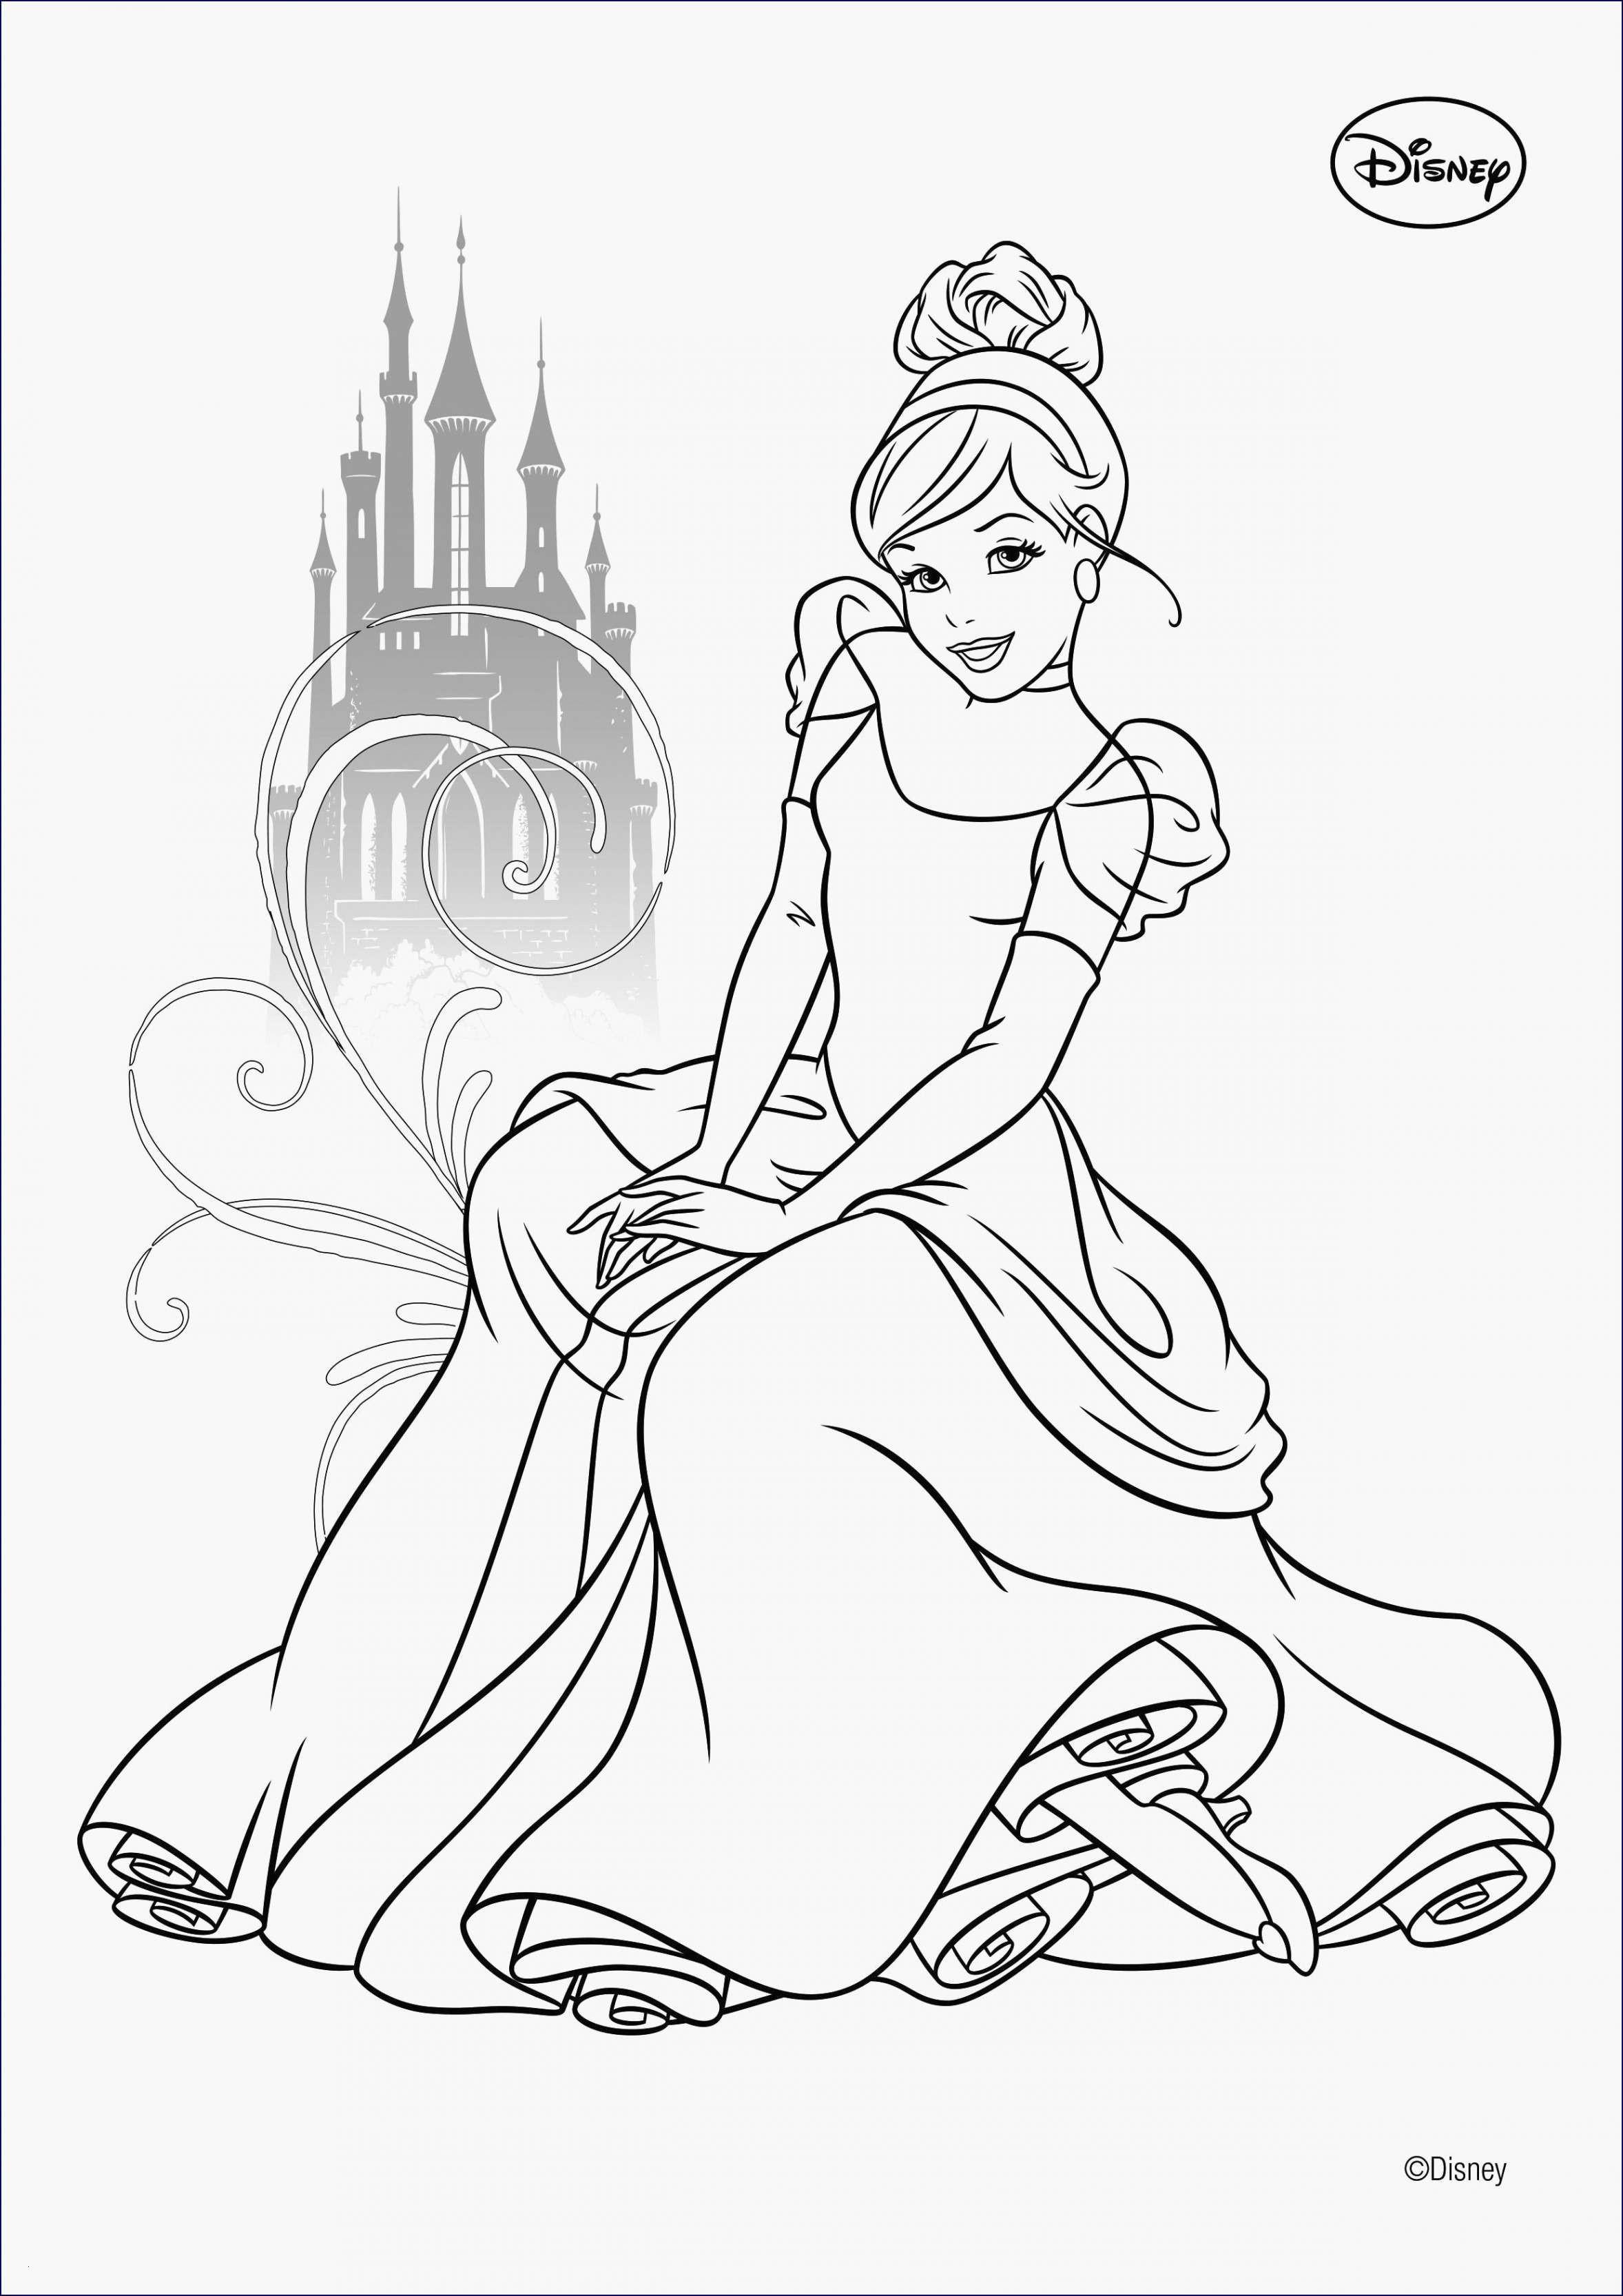 Malvorlagen Anna Und Elsa Zum Ausdrucken Einzigartig Ausmalbilder Anna Und Elsa Drucken Schön Frozen Princess Printable Fotos